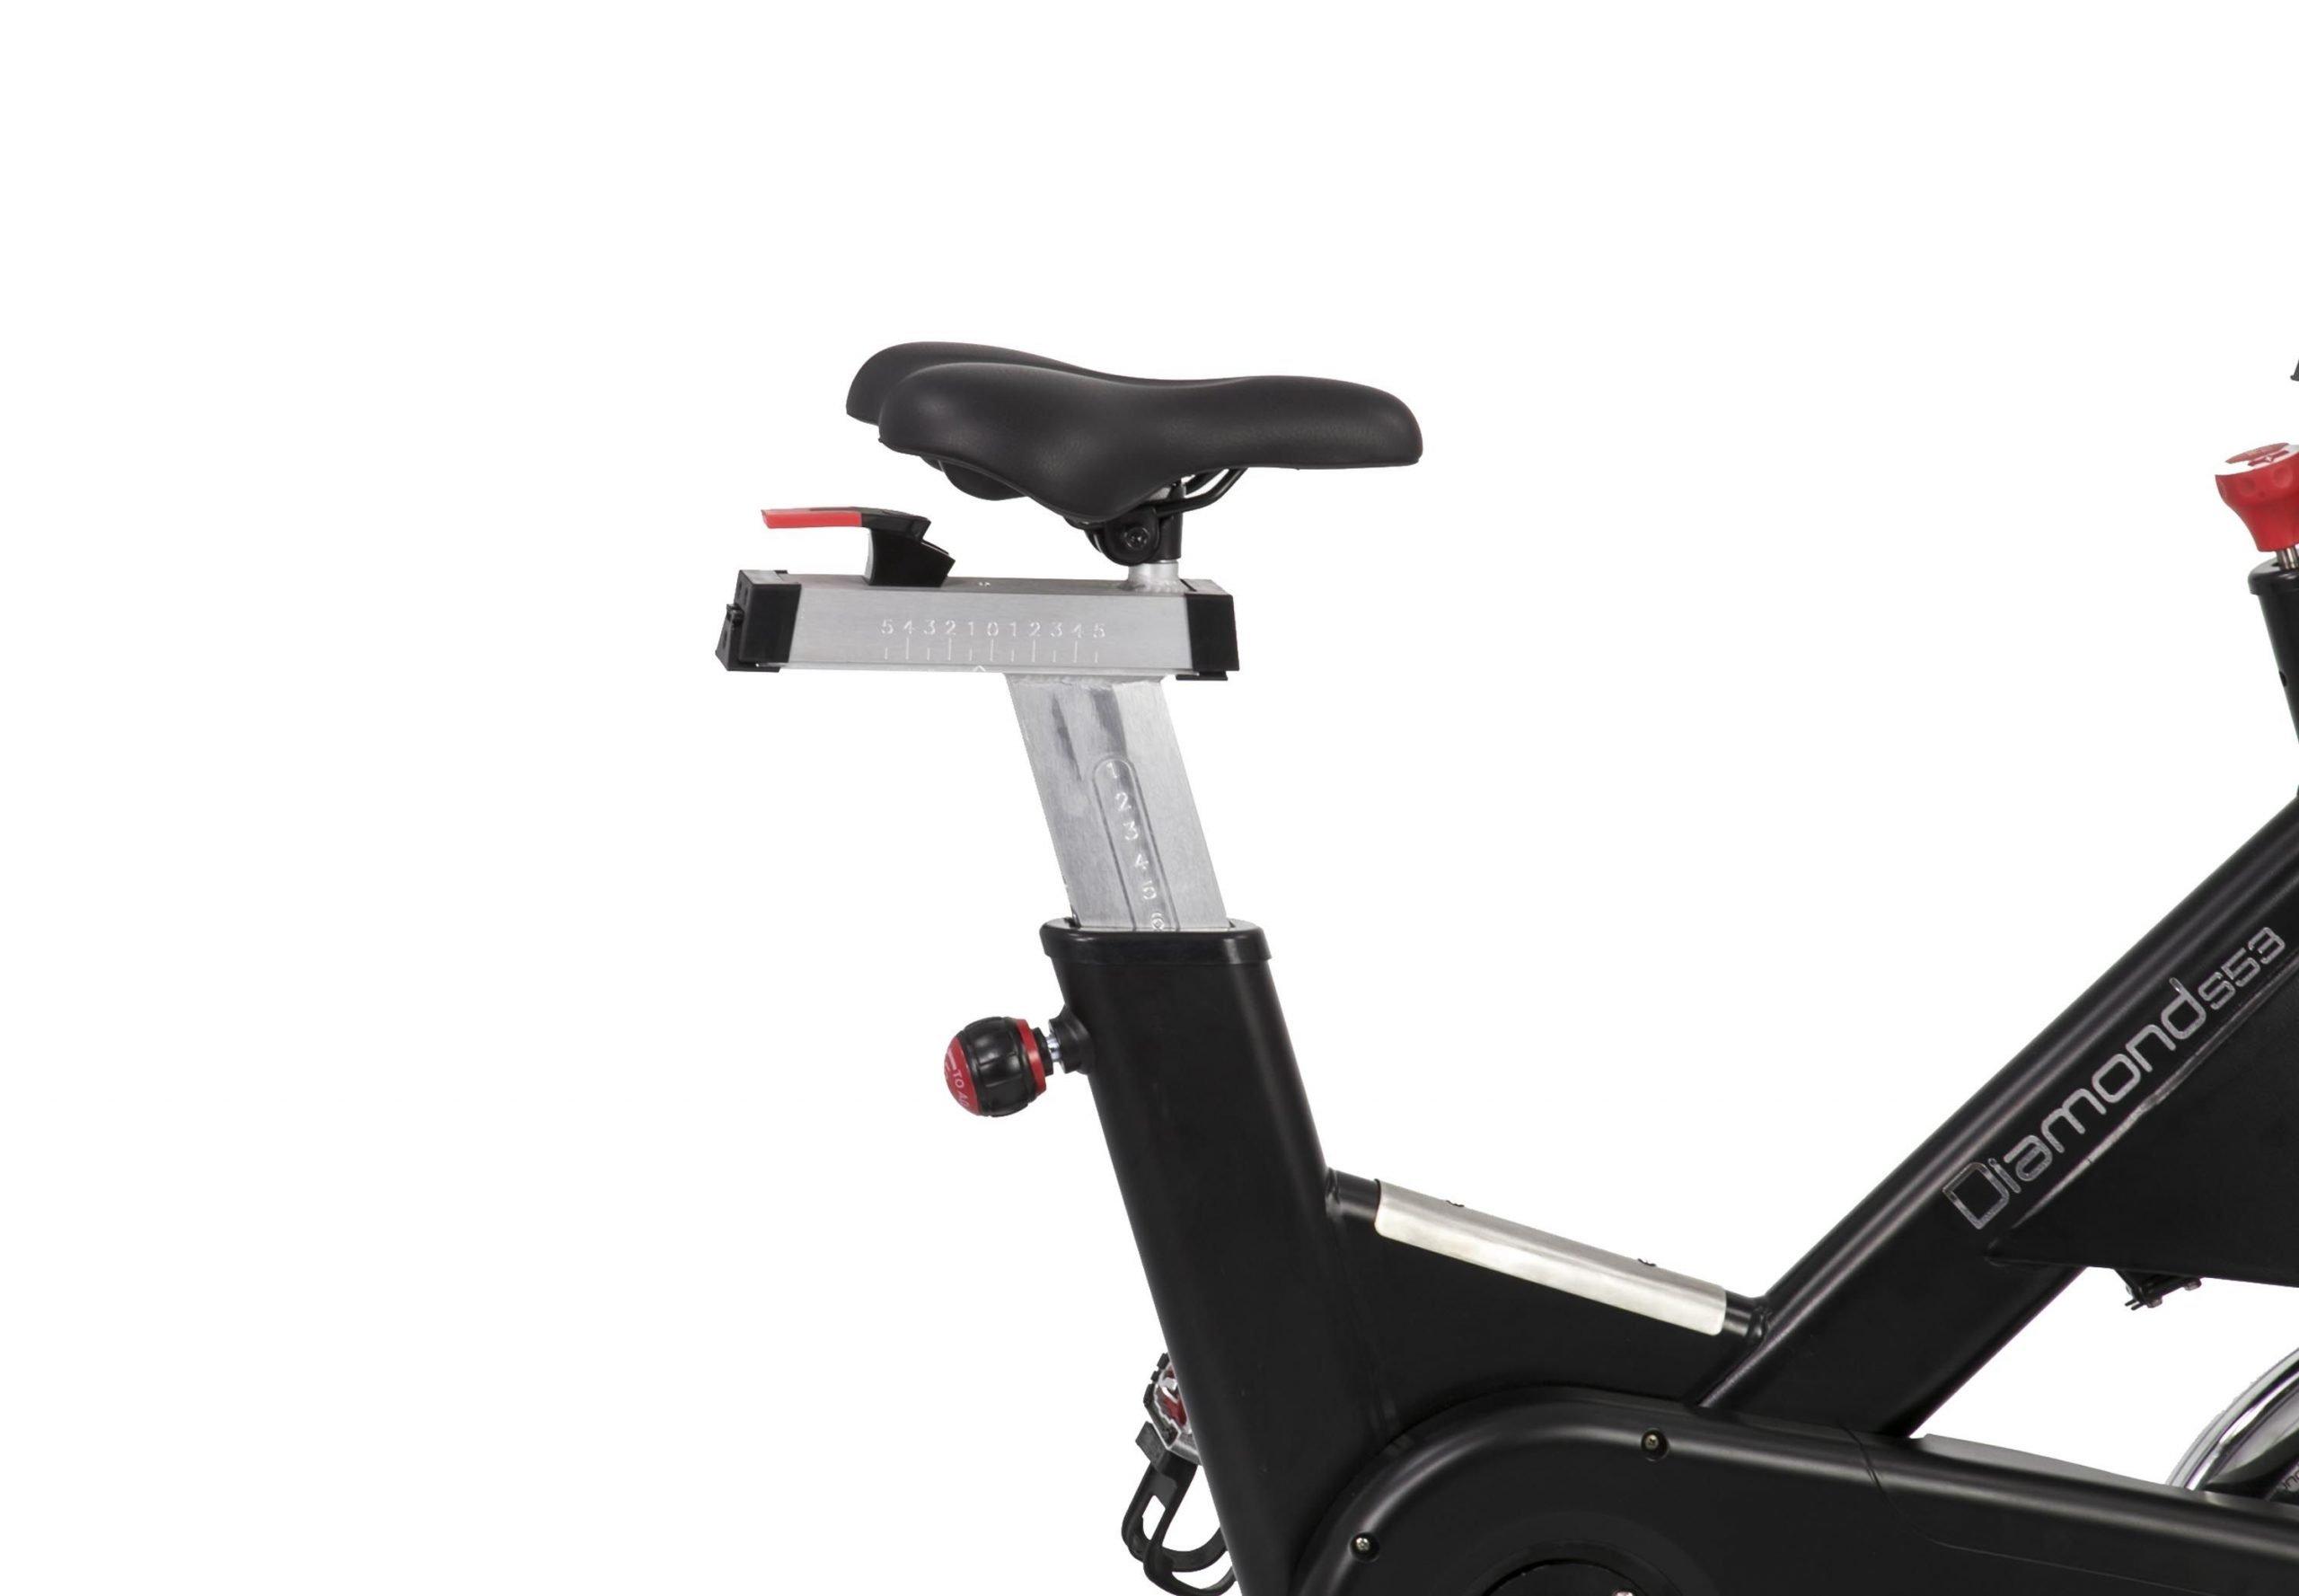 DIAMOND - Spinning bike Professionale a volano anteriore - S53 NOVITA' AUTUNNO 2019!